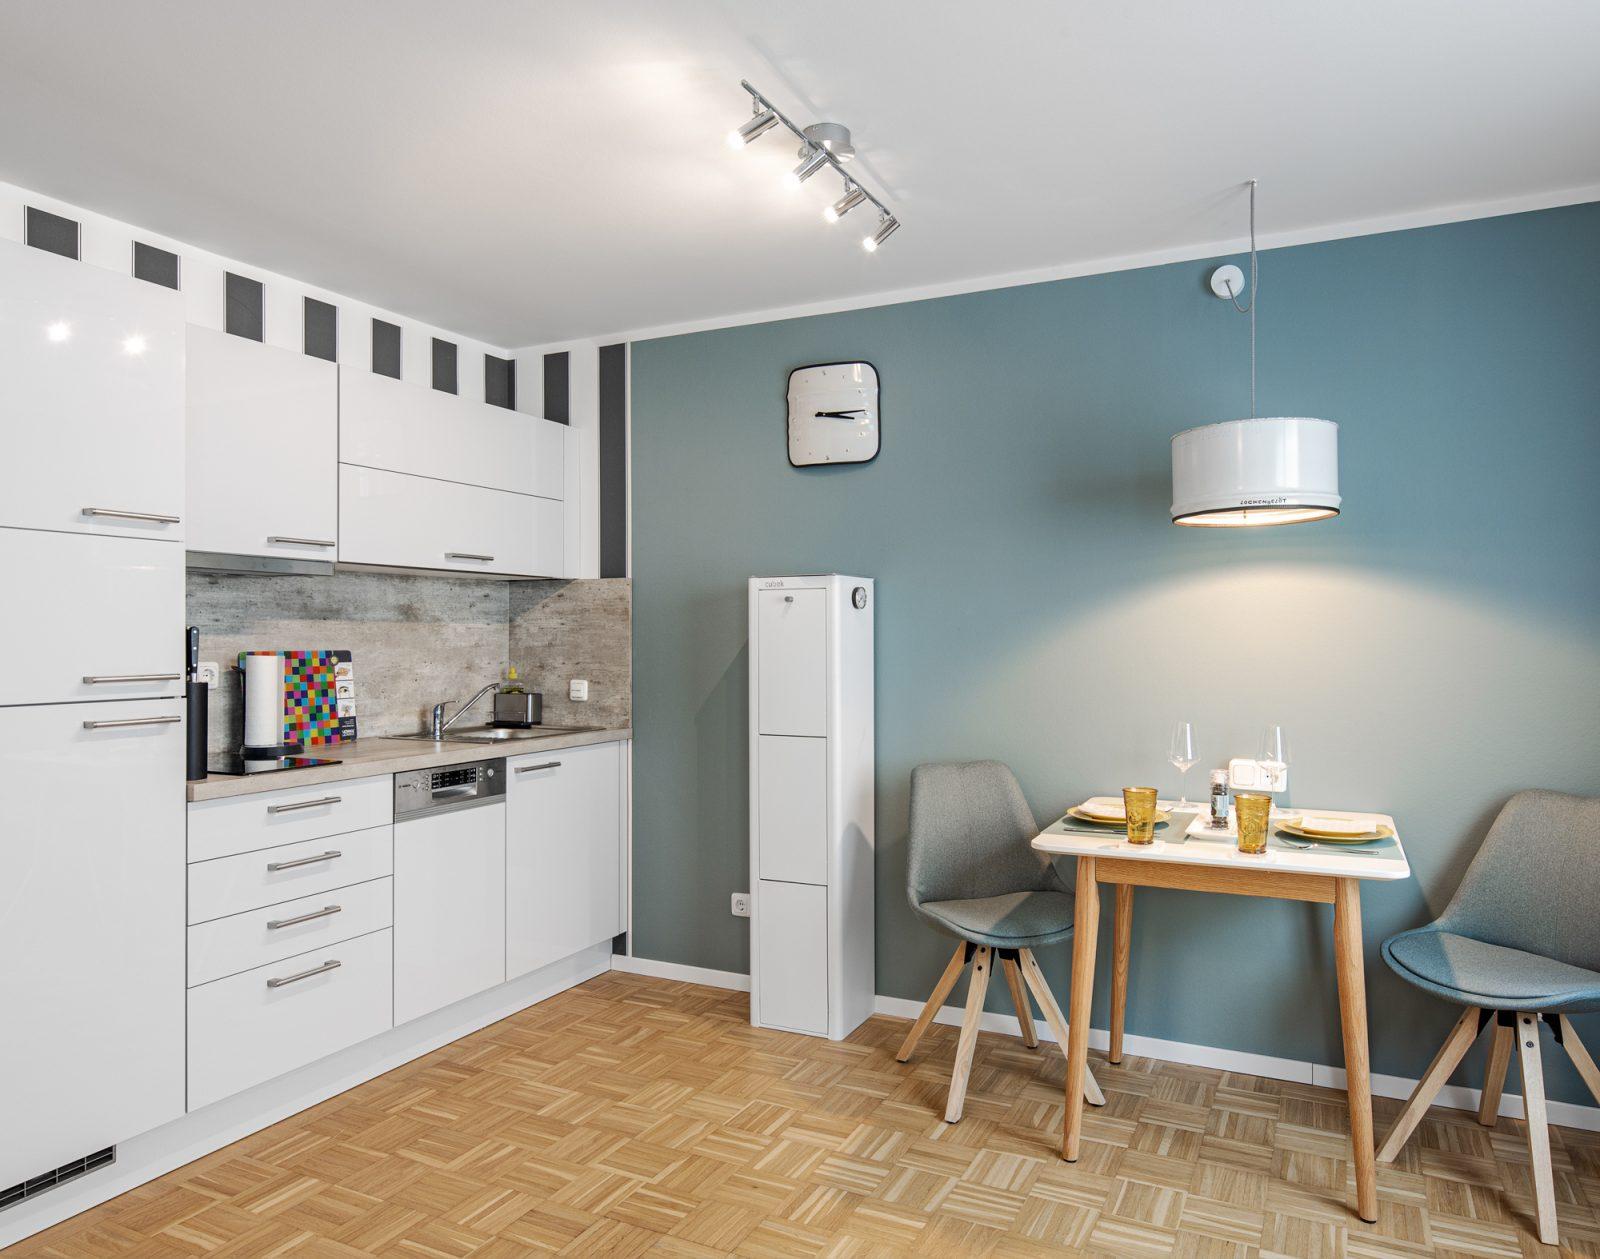 AIRBNB Wohnung Küche mit Essabteil Dresden - Interiorfotografie Ken Wagner